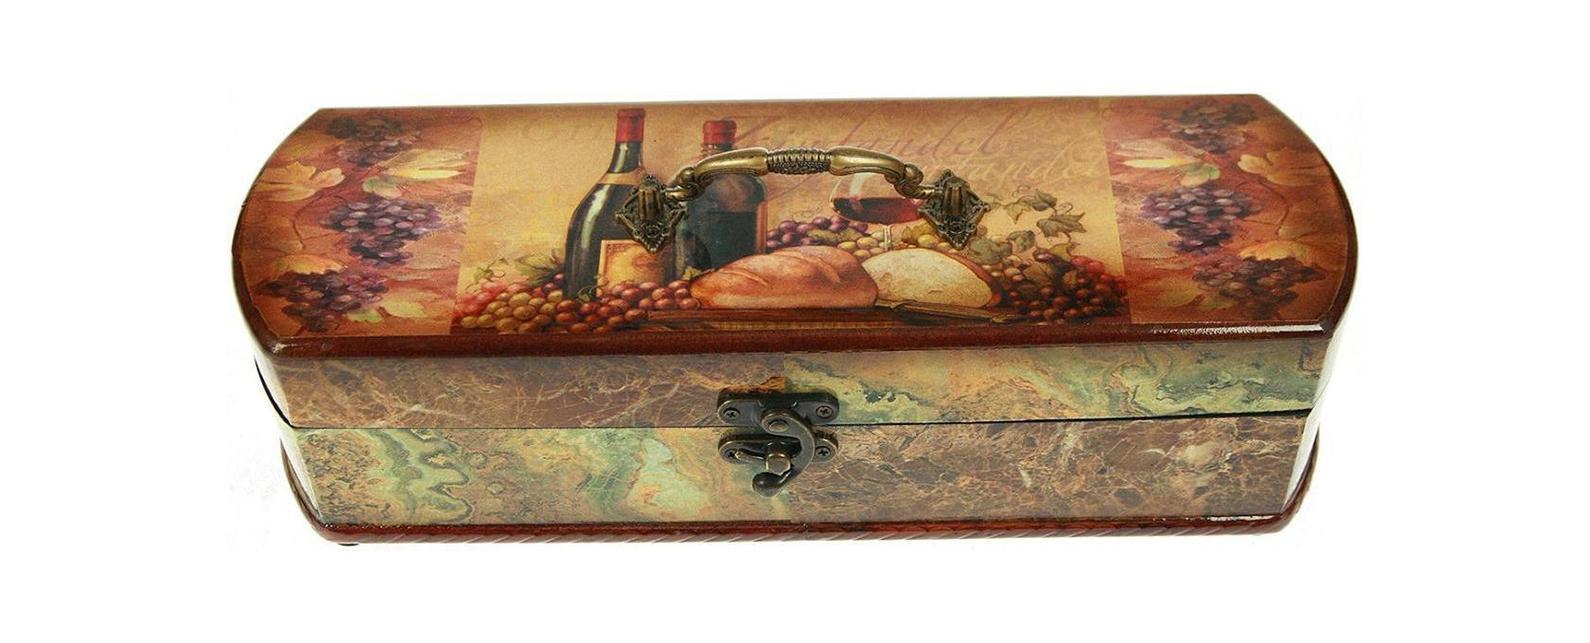 Шкатулка Сундучок под бутылку 36*12*10см 3476334763Шкатулка Русские подарки Сундучок 34763 предназначена для хранения бутылок с вином. Она не оставит равнодушным ни одного любителя оригинальных вещей. Данная модель надежно закрывается на металлический замок. Сочетание оригинального дизайна и функциональности делает такую вещь практичным, стильным подарком и предметом гордости ее обладателя.